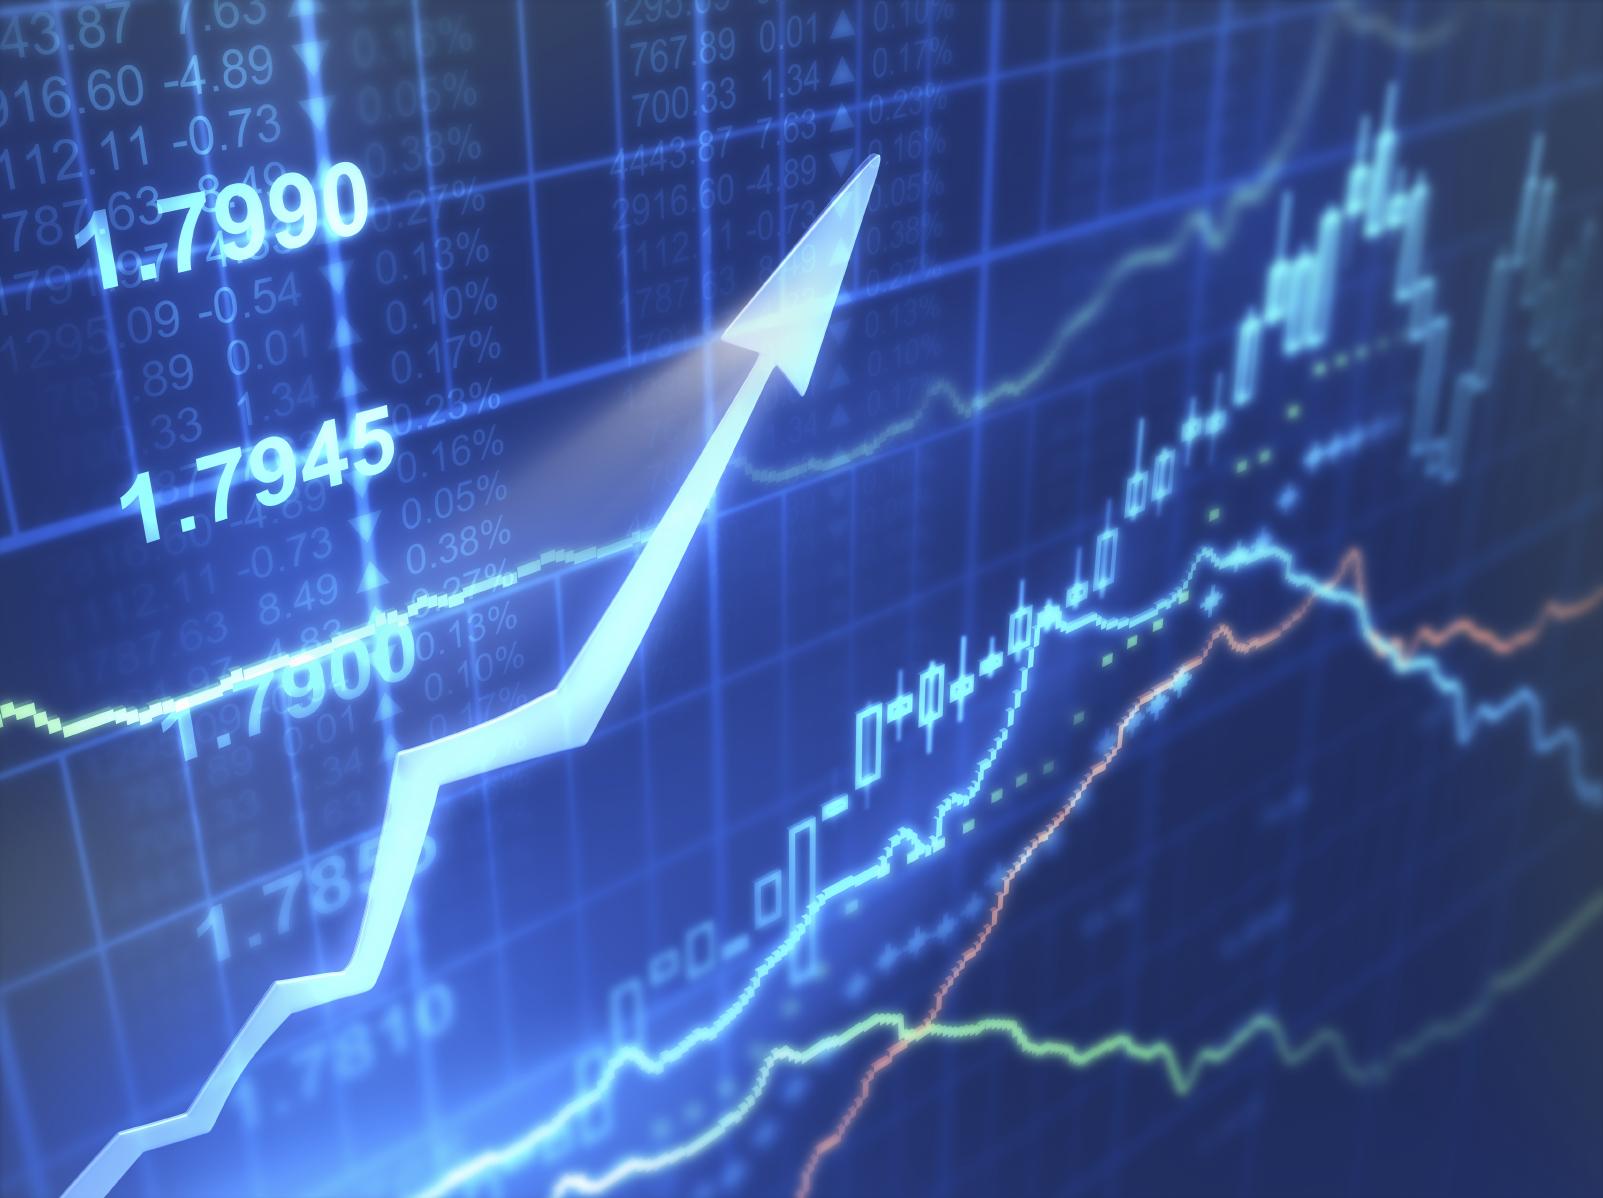 La suscripción a fondos de inversión en su mayor cifra en siete años